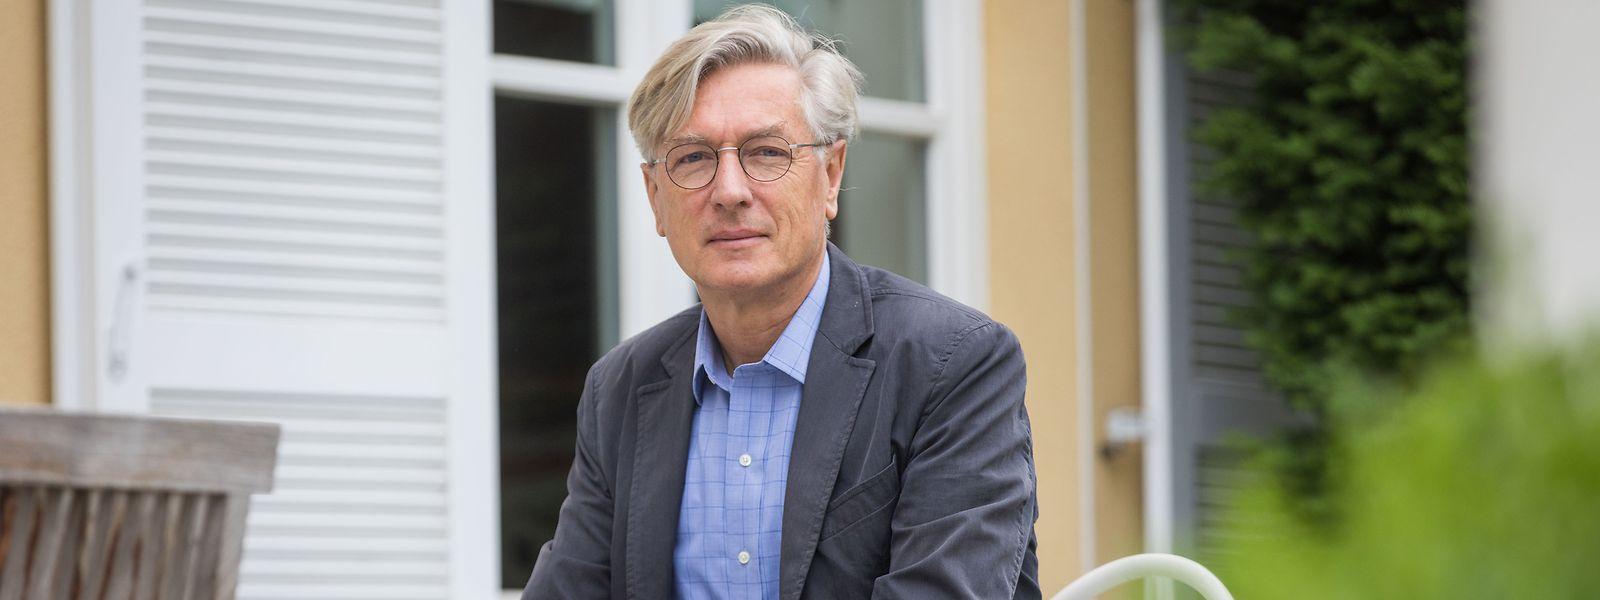 Le Dr Philippe Turk souligne «l'excellente coopération entre les hôpitaux» pendant la crise du covid-19. «Les directeurs des hôpitaux ont immédiatement compris l'importance et l'intérêt d'unir leurs efforts».